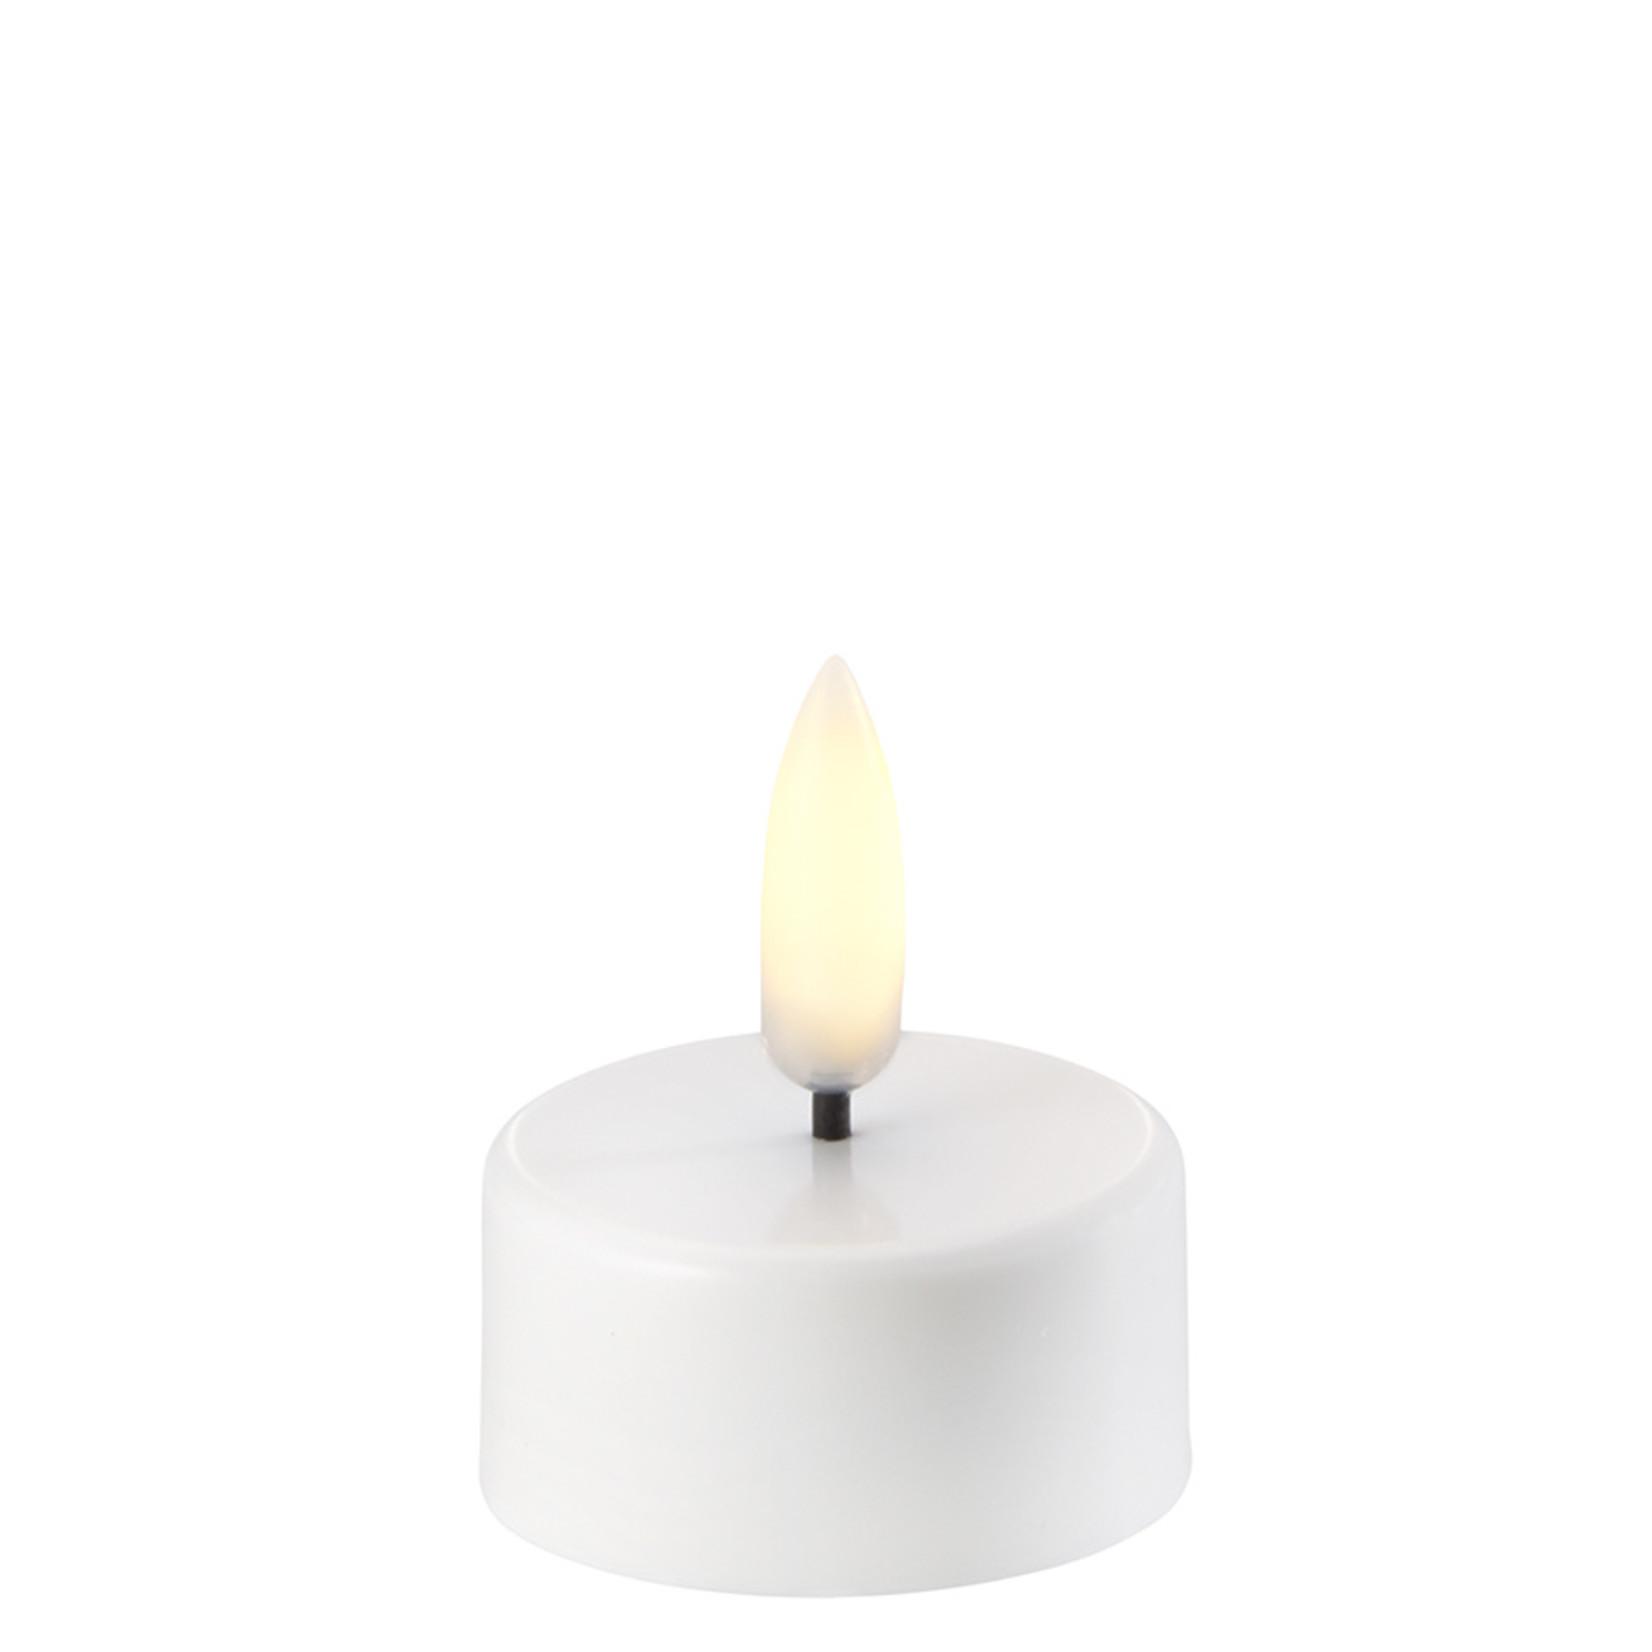 UYUNI LIGHTING LED TEA-LIGHT- NORDIC WHITE - Ø3,8 x 2 CM